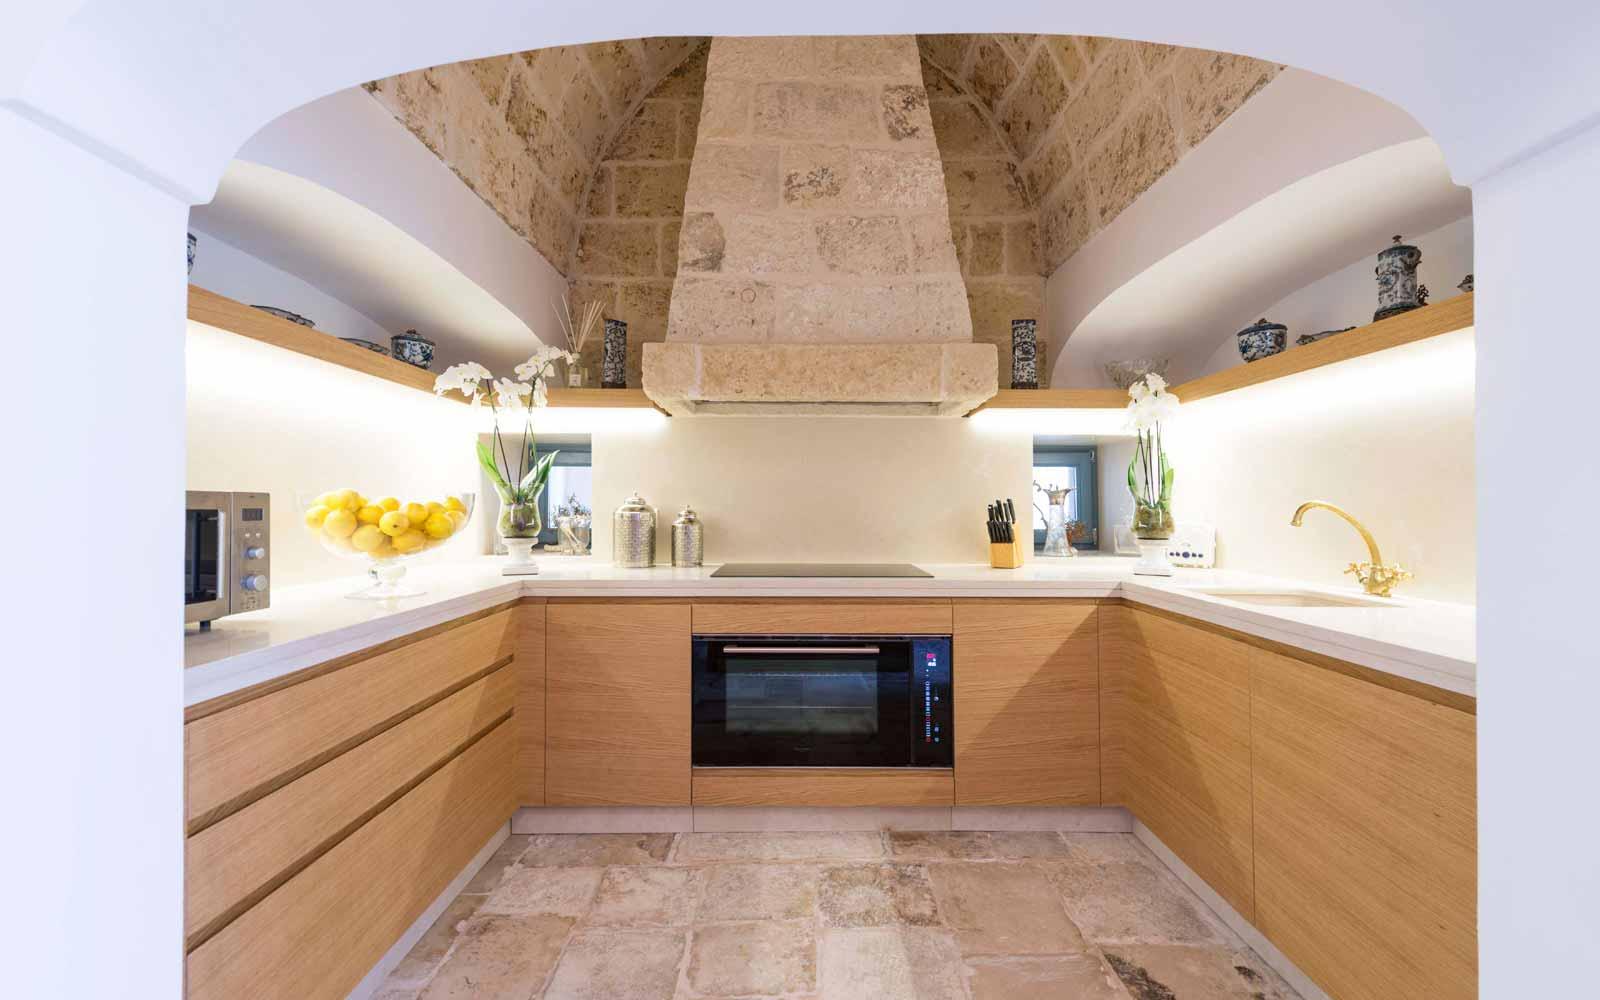 Kitchen at La Residenza of Masseria Pettolecchia